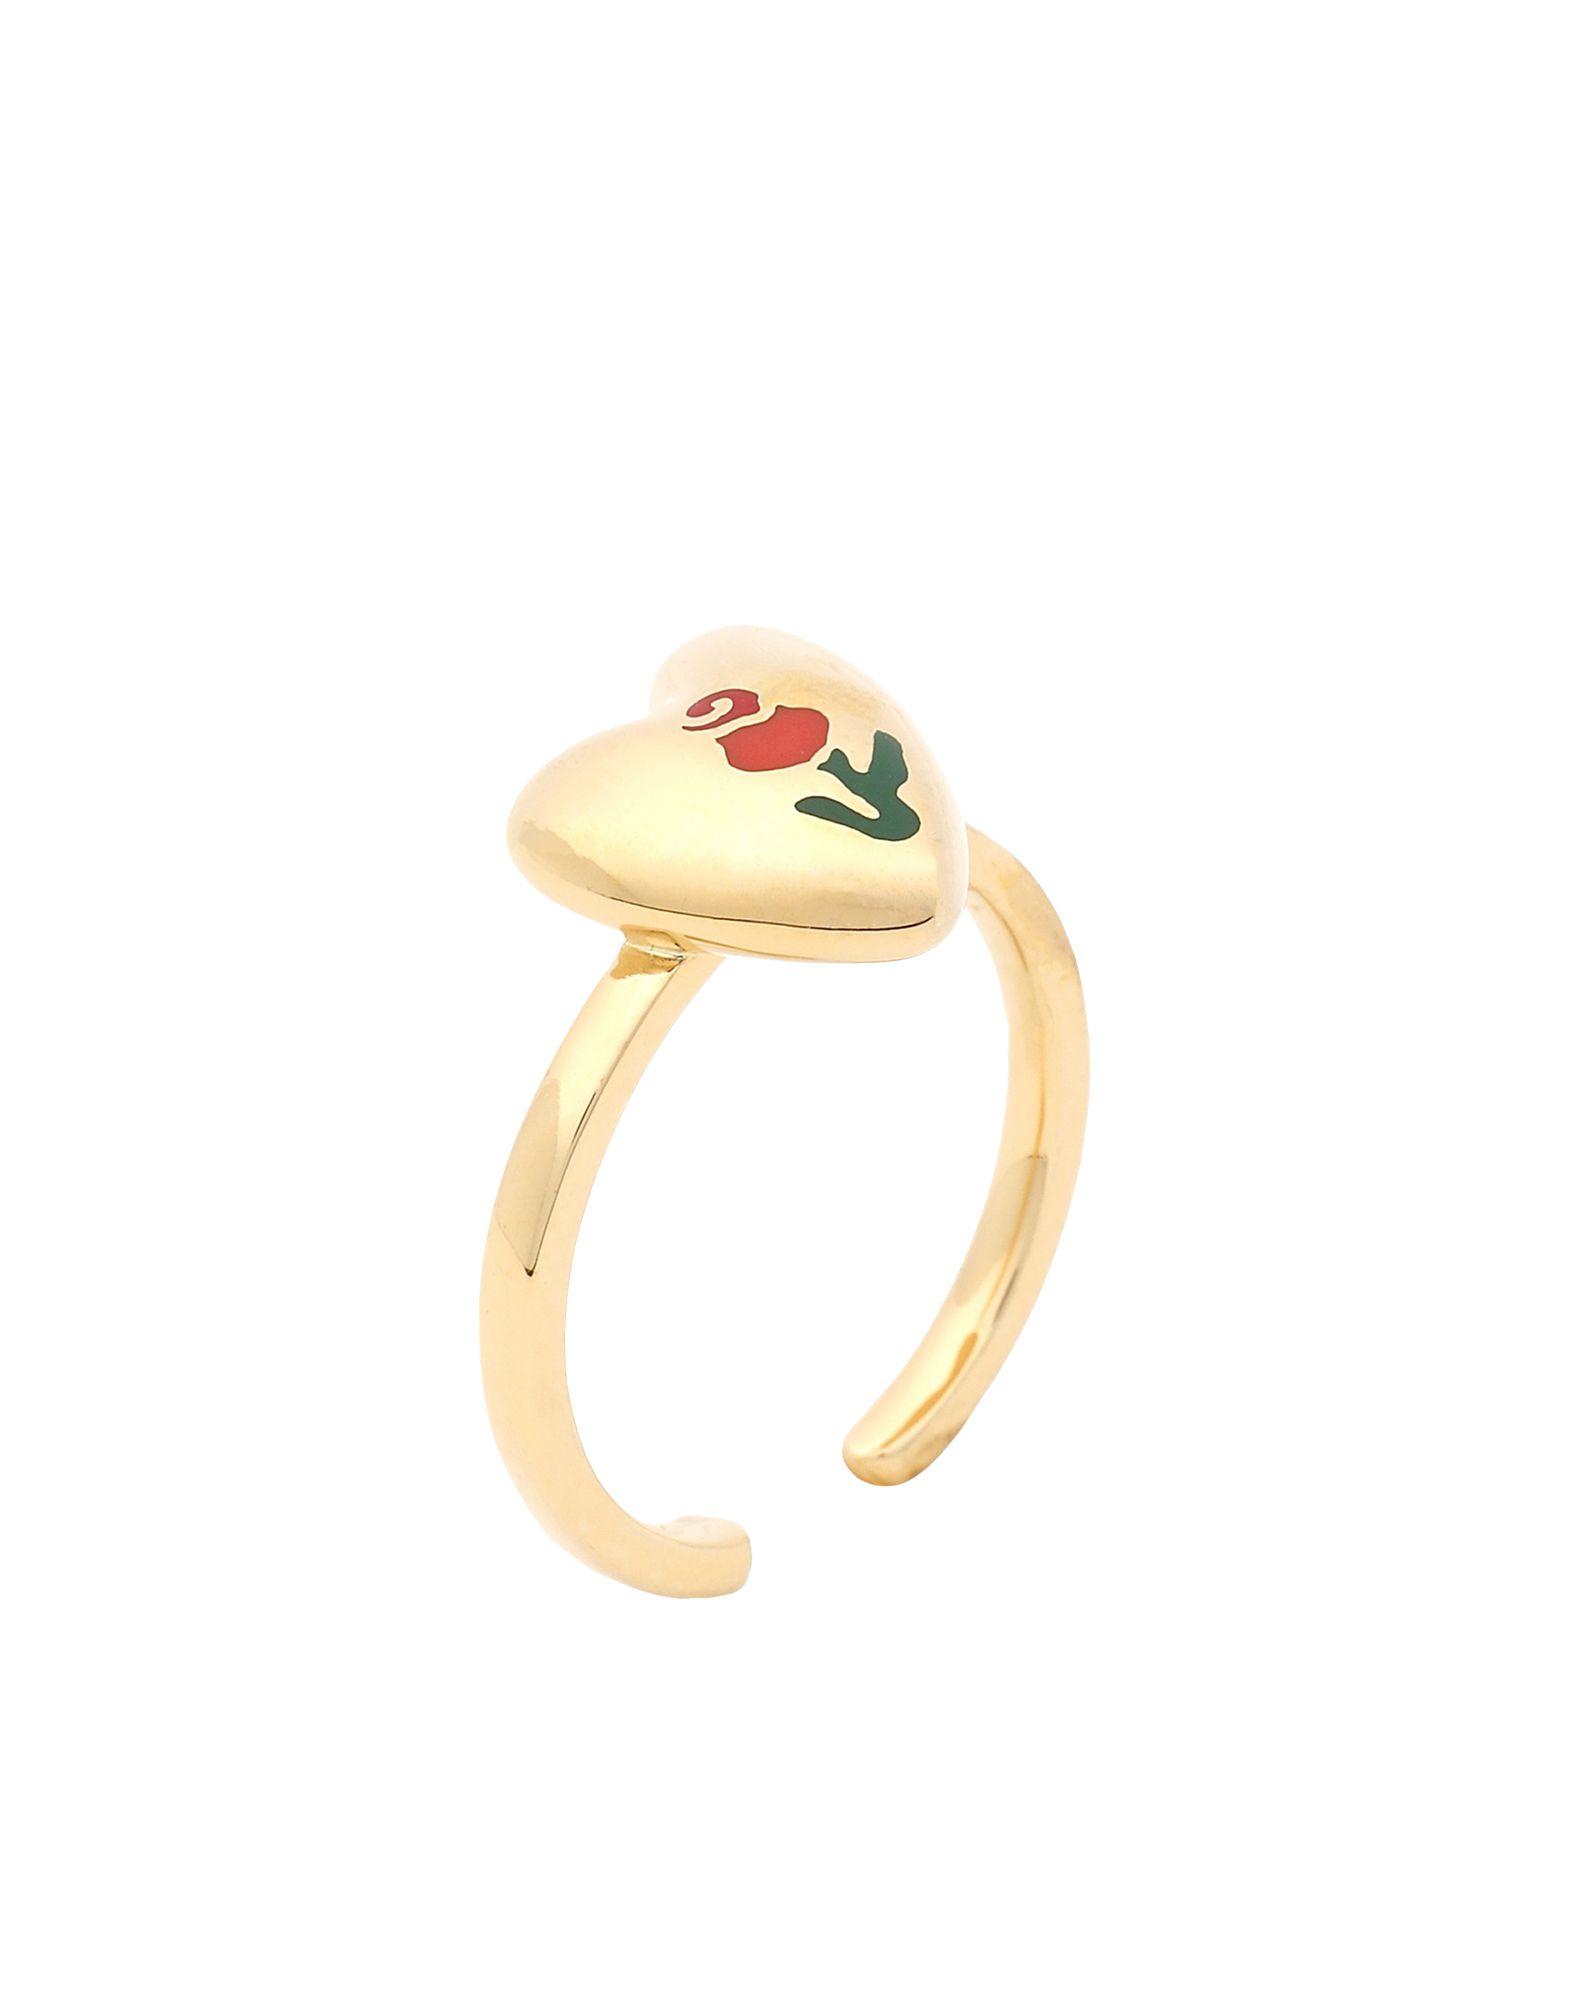 《セール開催中》OOAK レディース 指輪 ゴールド one size 真鍮/ブラス / 18金メッキ / エナメル ROSE HEART RING